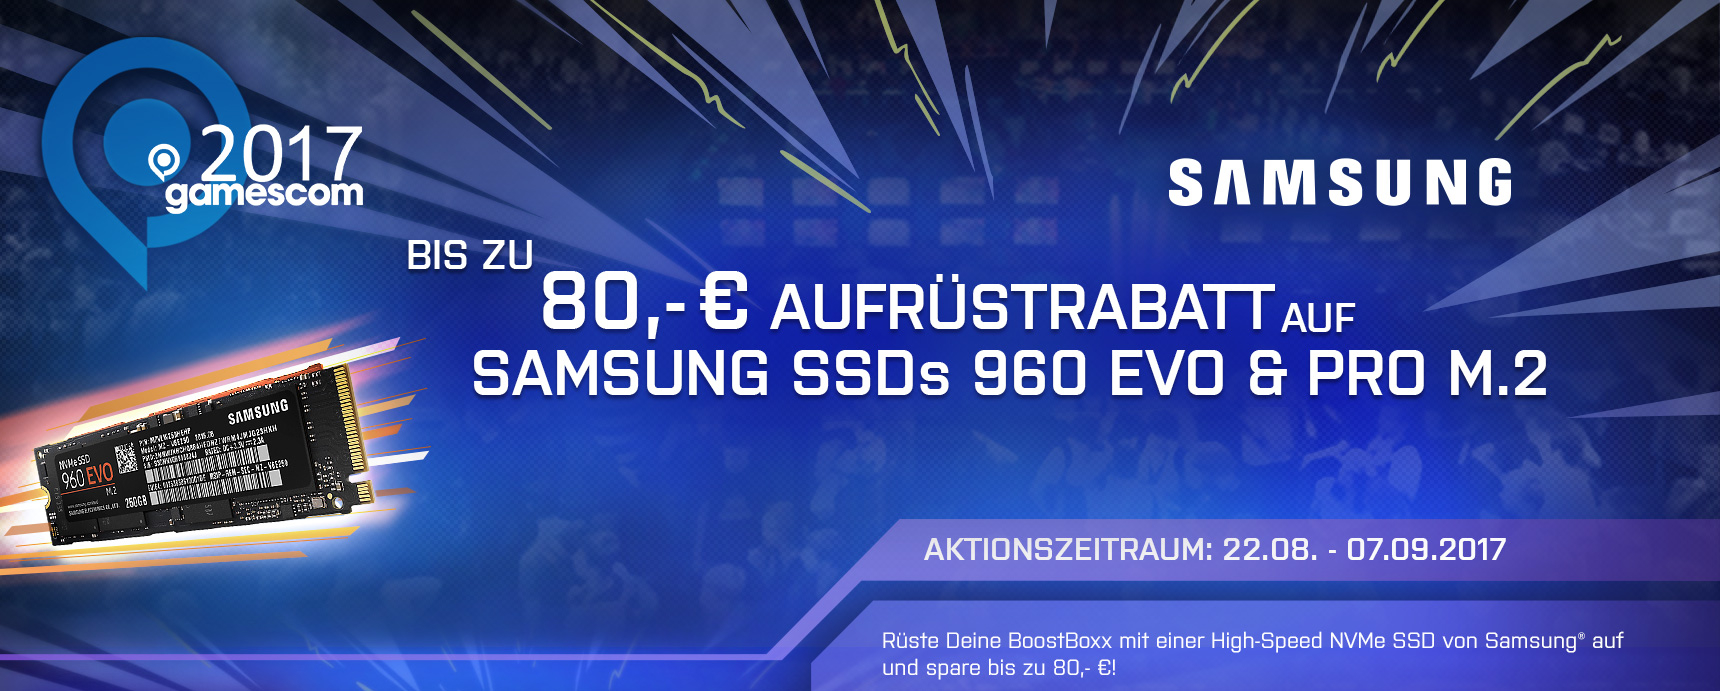 Samsung m.2-Rabatt Gamescom 2017 Header - Bis zu 80,-€ Aufrüstrabatt auf Samsung® SSDs 960 EVO & PRO M.2